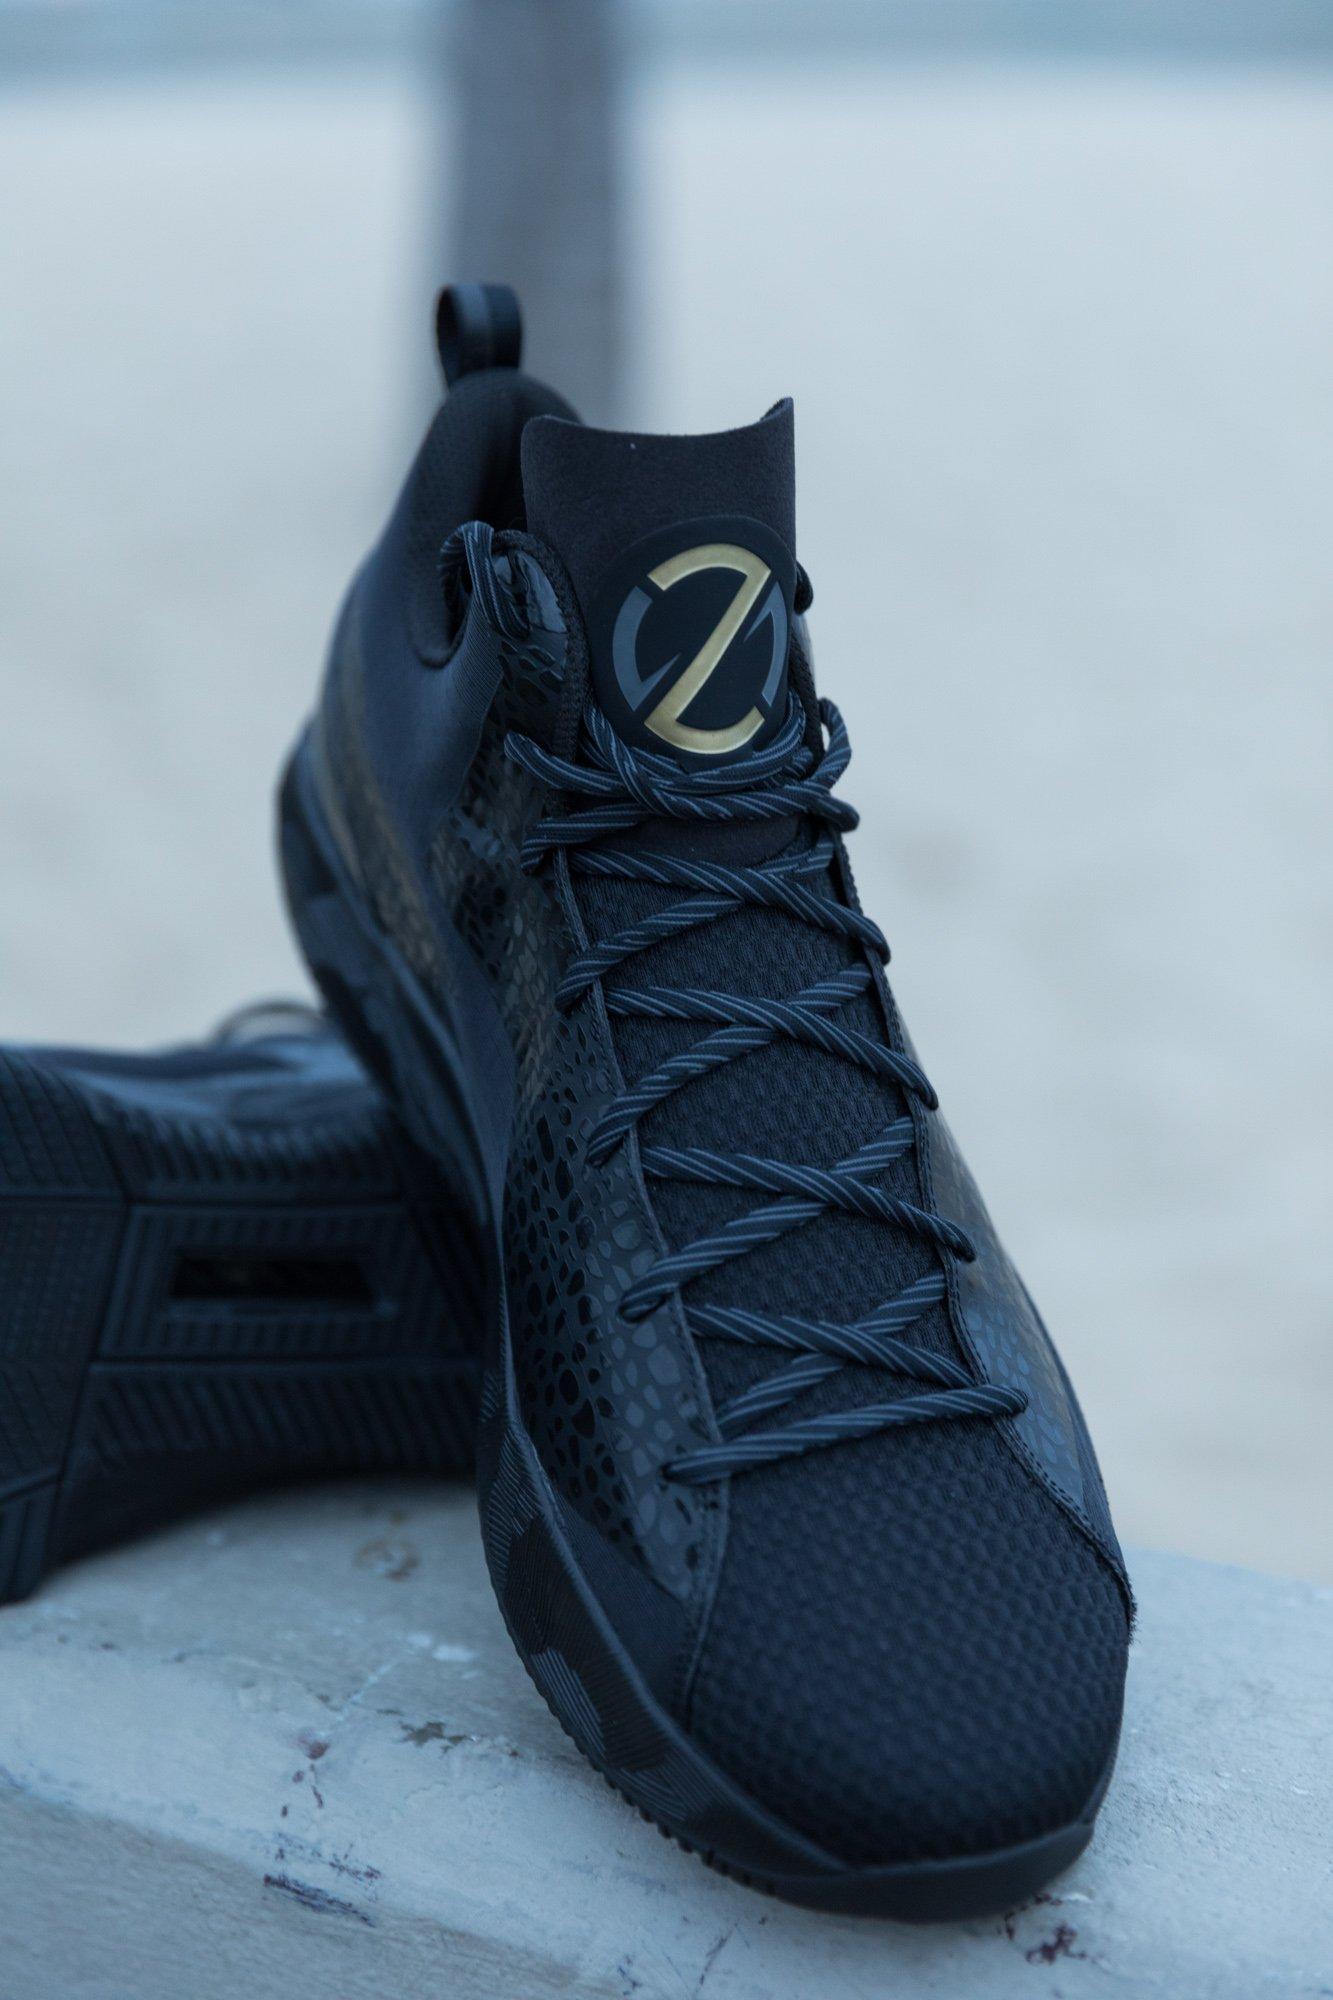 Big Baller Brand Z02 Prime